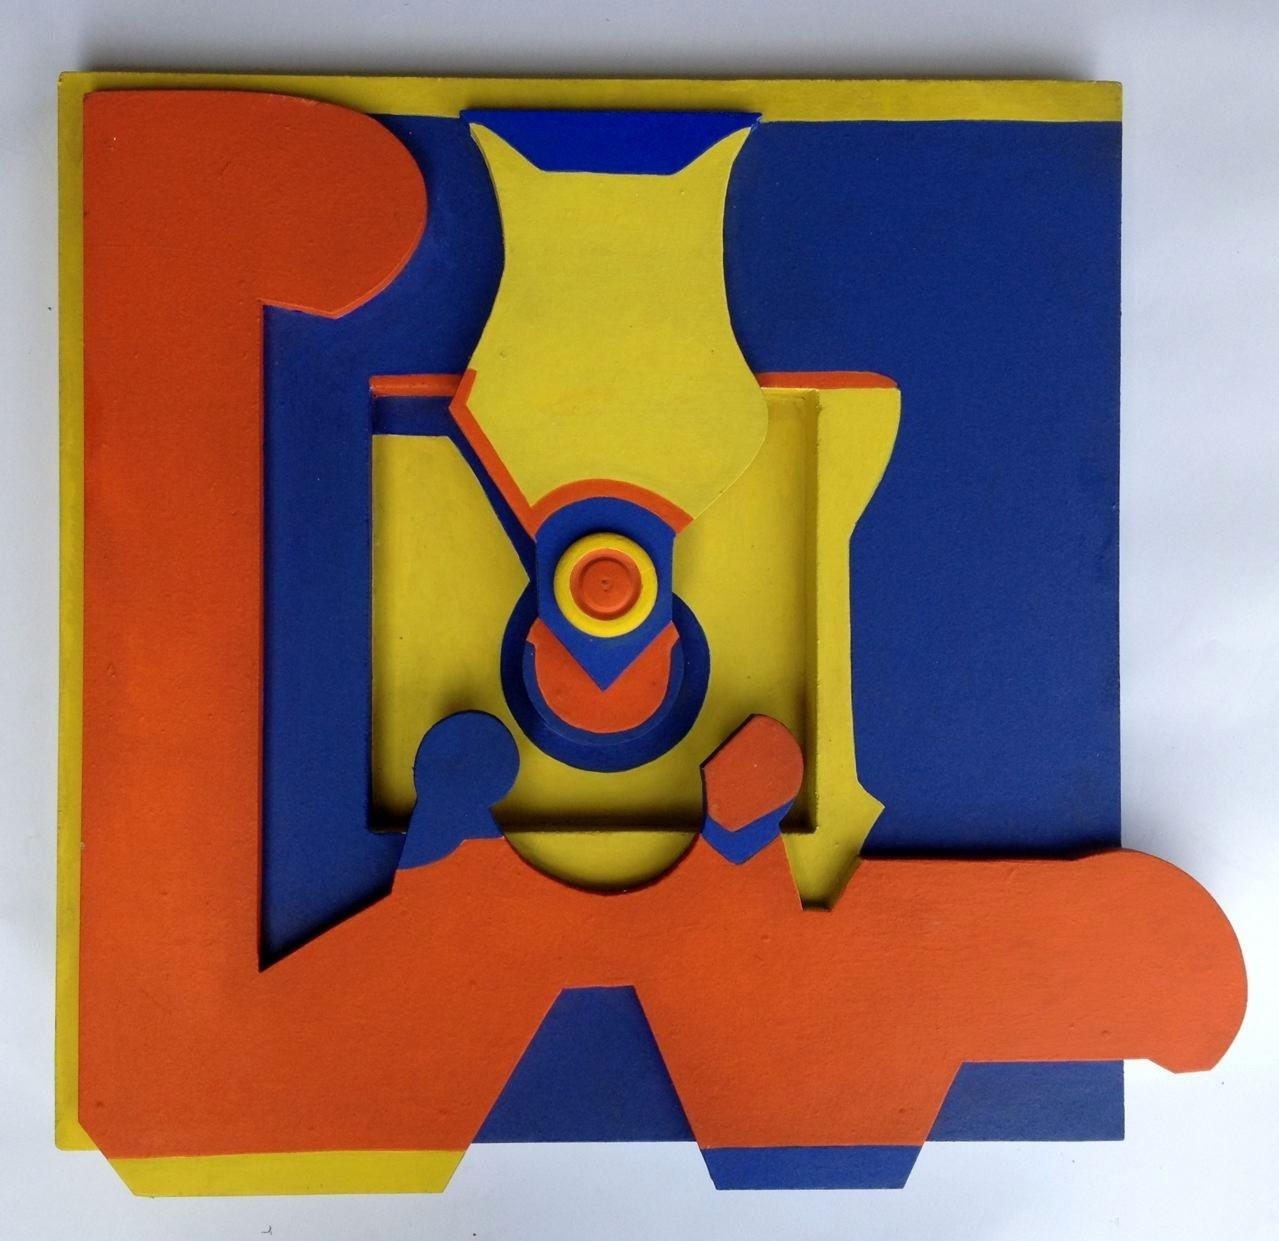 Coatlicue, Holzrelief, 60 x 60 x 8 cm, 1969 (#581)